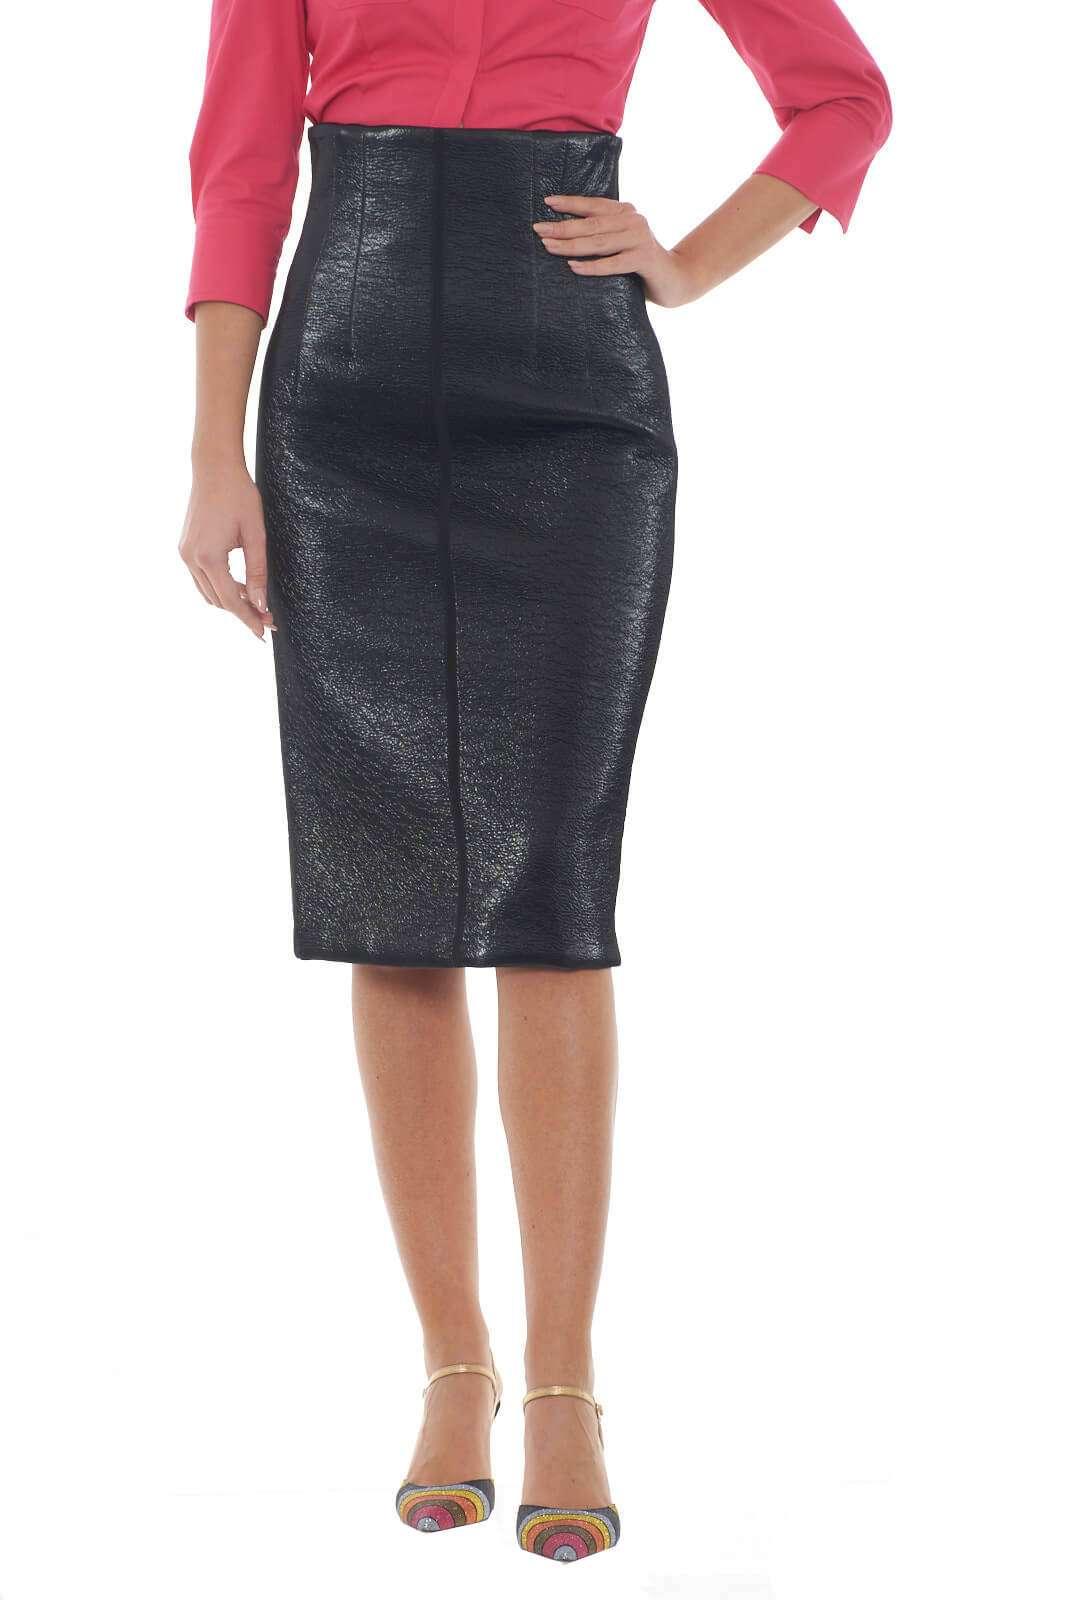 Femminile la gonna longuette firmata da Beatrice, realizzata in un misto di cotone ed ecopelle. Perfetta per outfit decisi e impossibili da non notare. Abbinata ad una blusa, o una camicia, renderà ogni look sensuale e chic.  La modella è alta 1.78m e indossa la taglia 42.